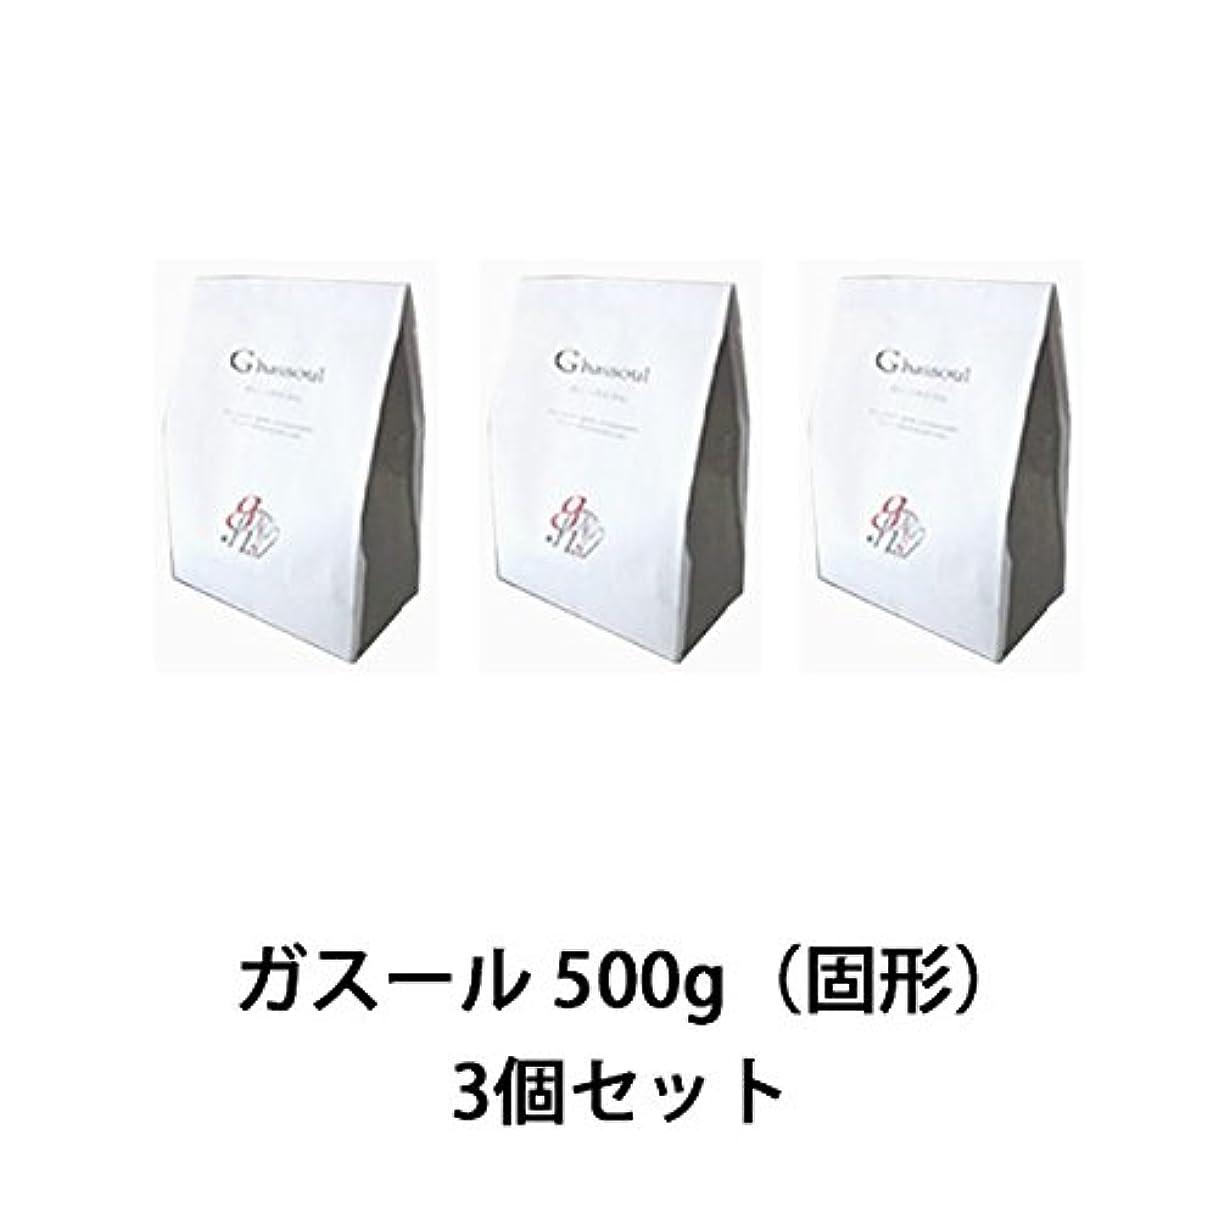 証人スキルアレイ【ナイアード】ガスール 固形 500g ×3個セット